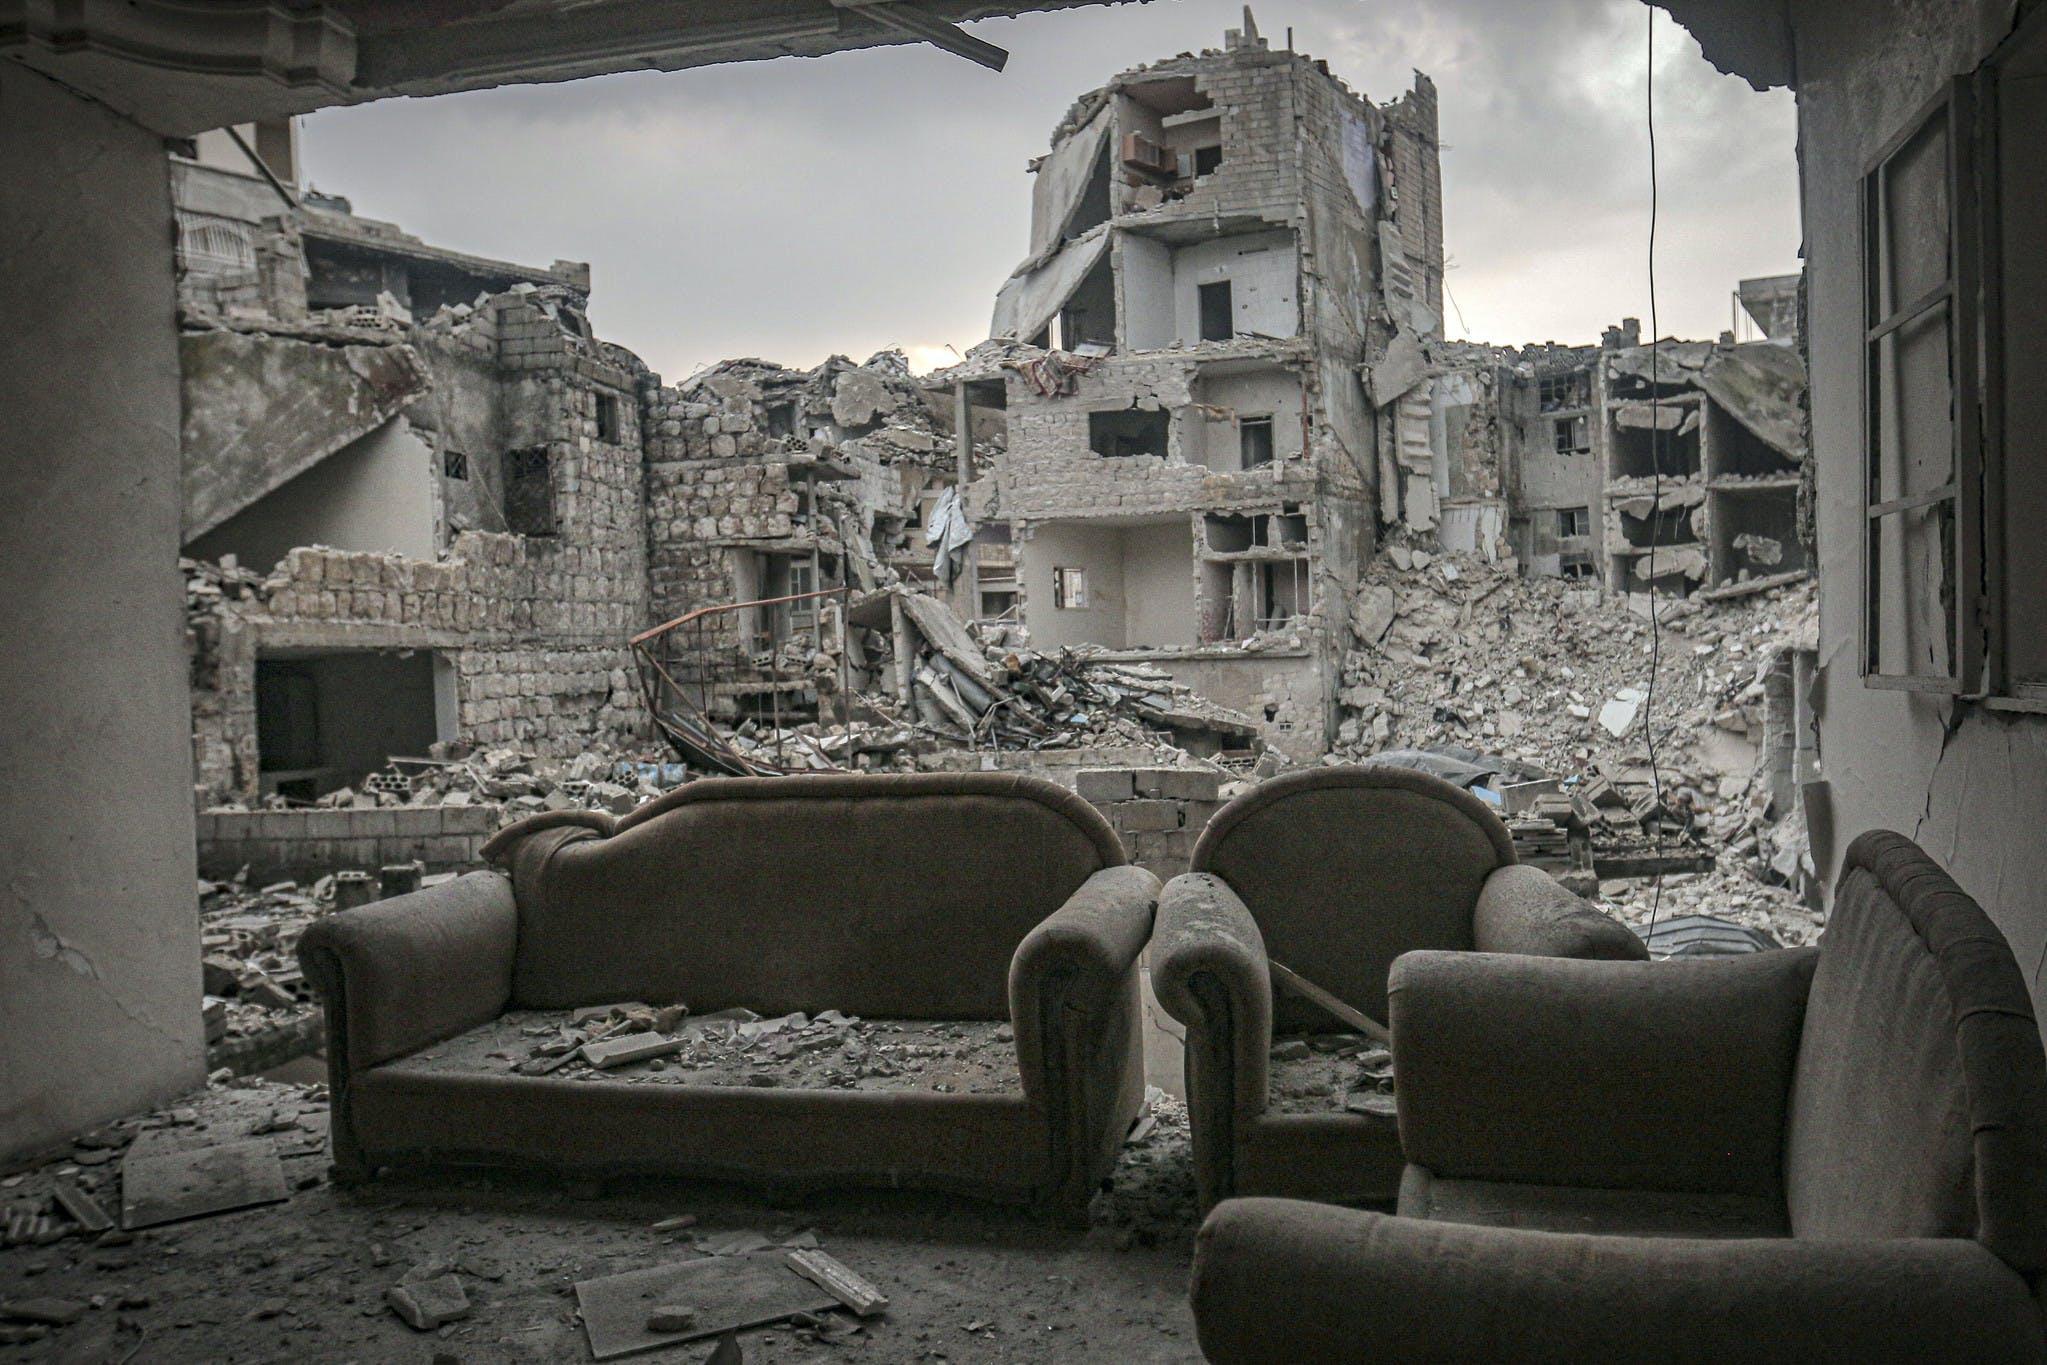 Des bâtiments abandonnés et détruits dans le district d'Ariha à Idlib, Syrie, février 2019